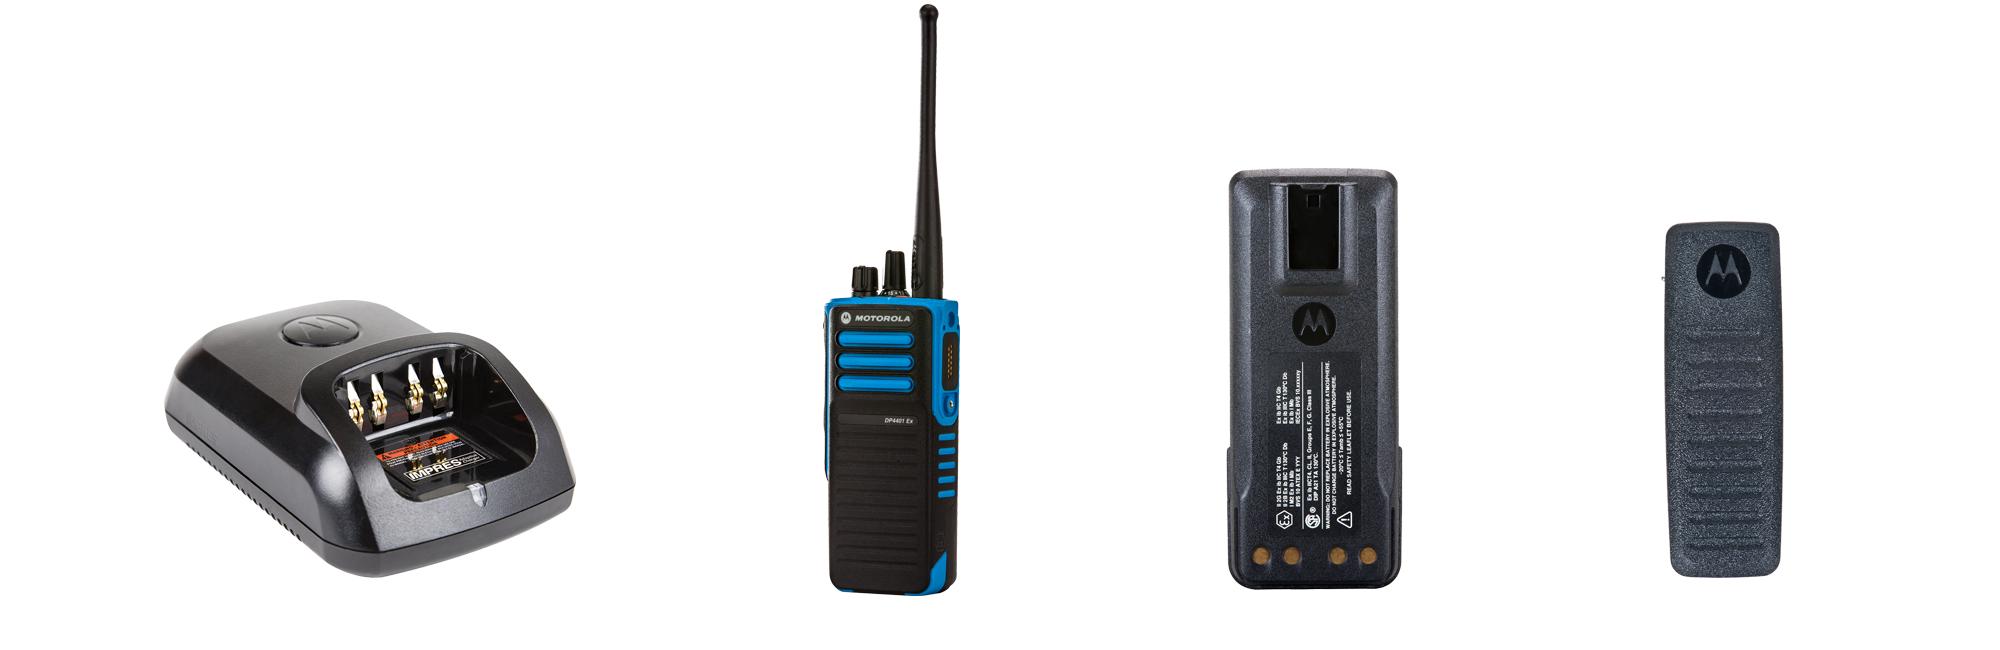 motorola atex dp4401 two way radios